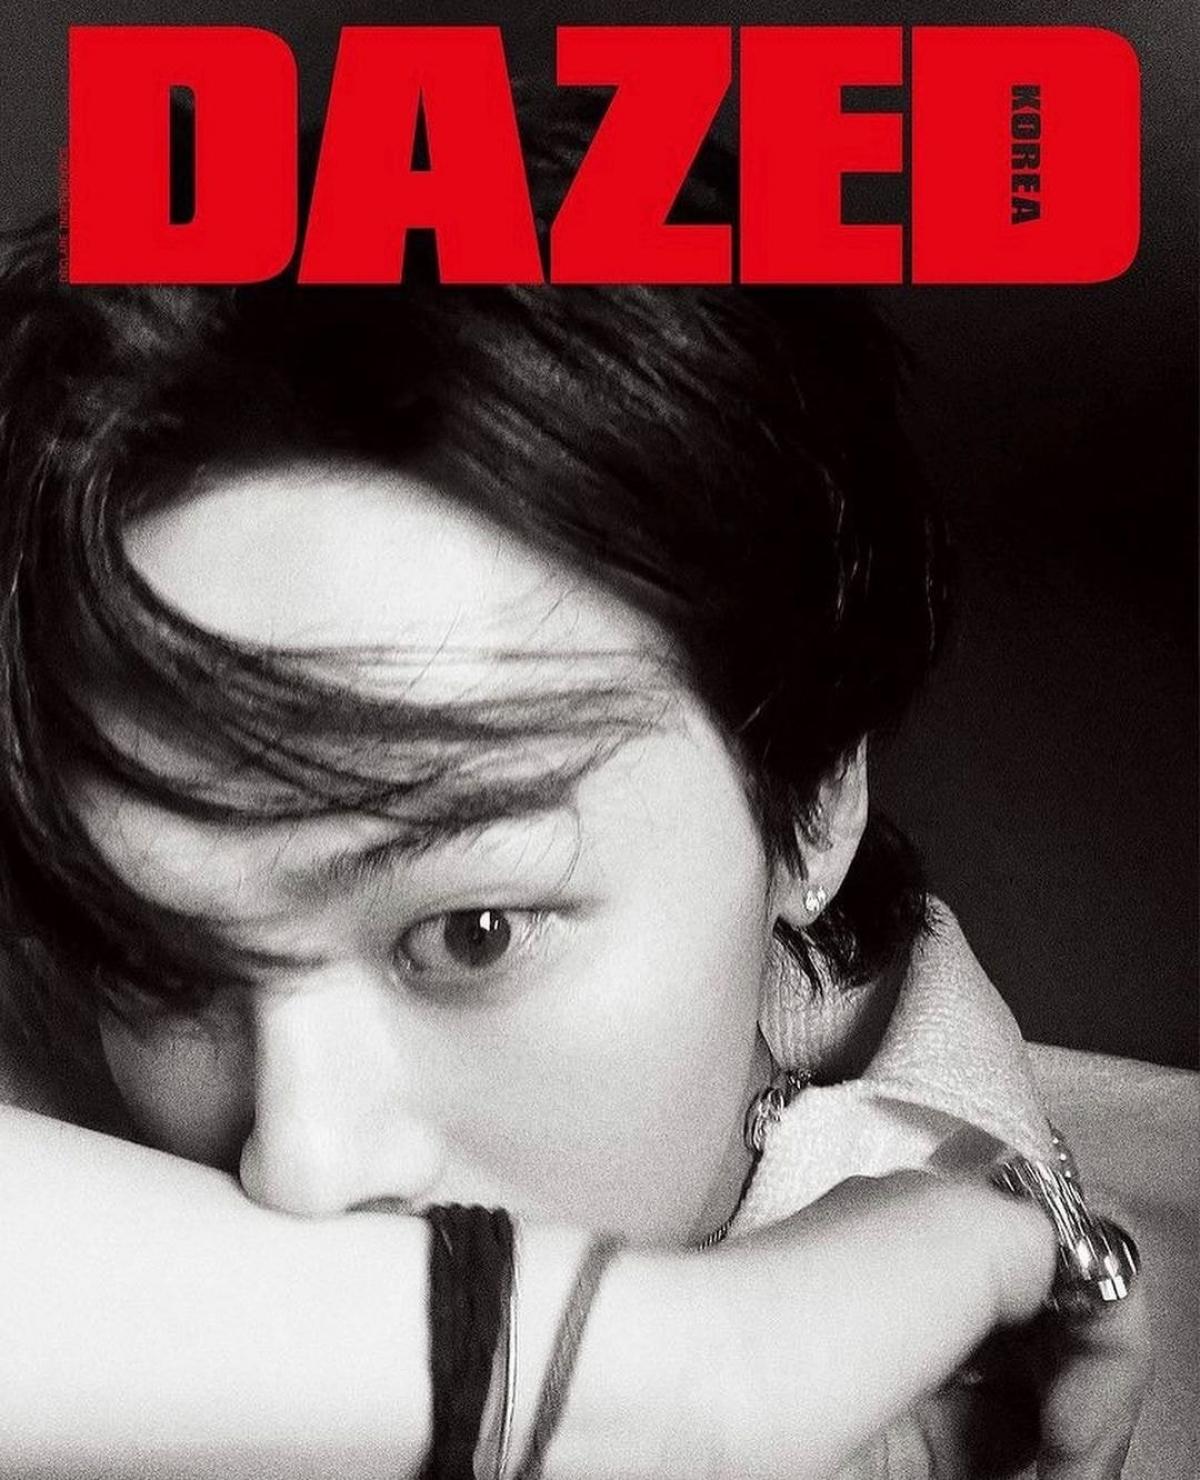 G-Dragon khẳng định đẳng cấp 'Ông hoàng thời trang' với 8 trang bìa tạp chí - Ảnh 3.